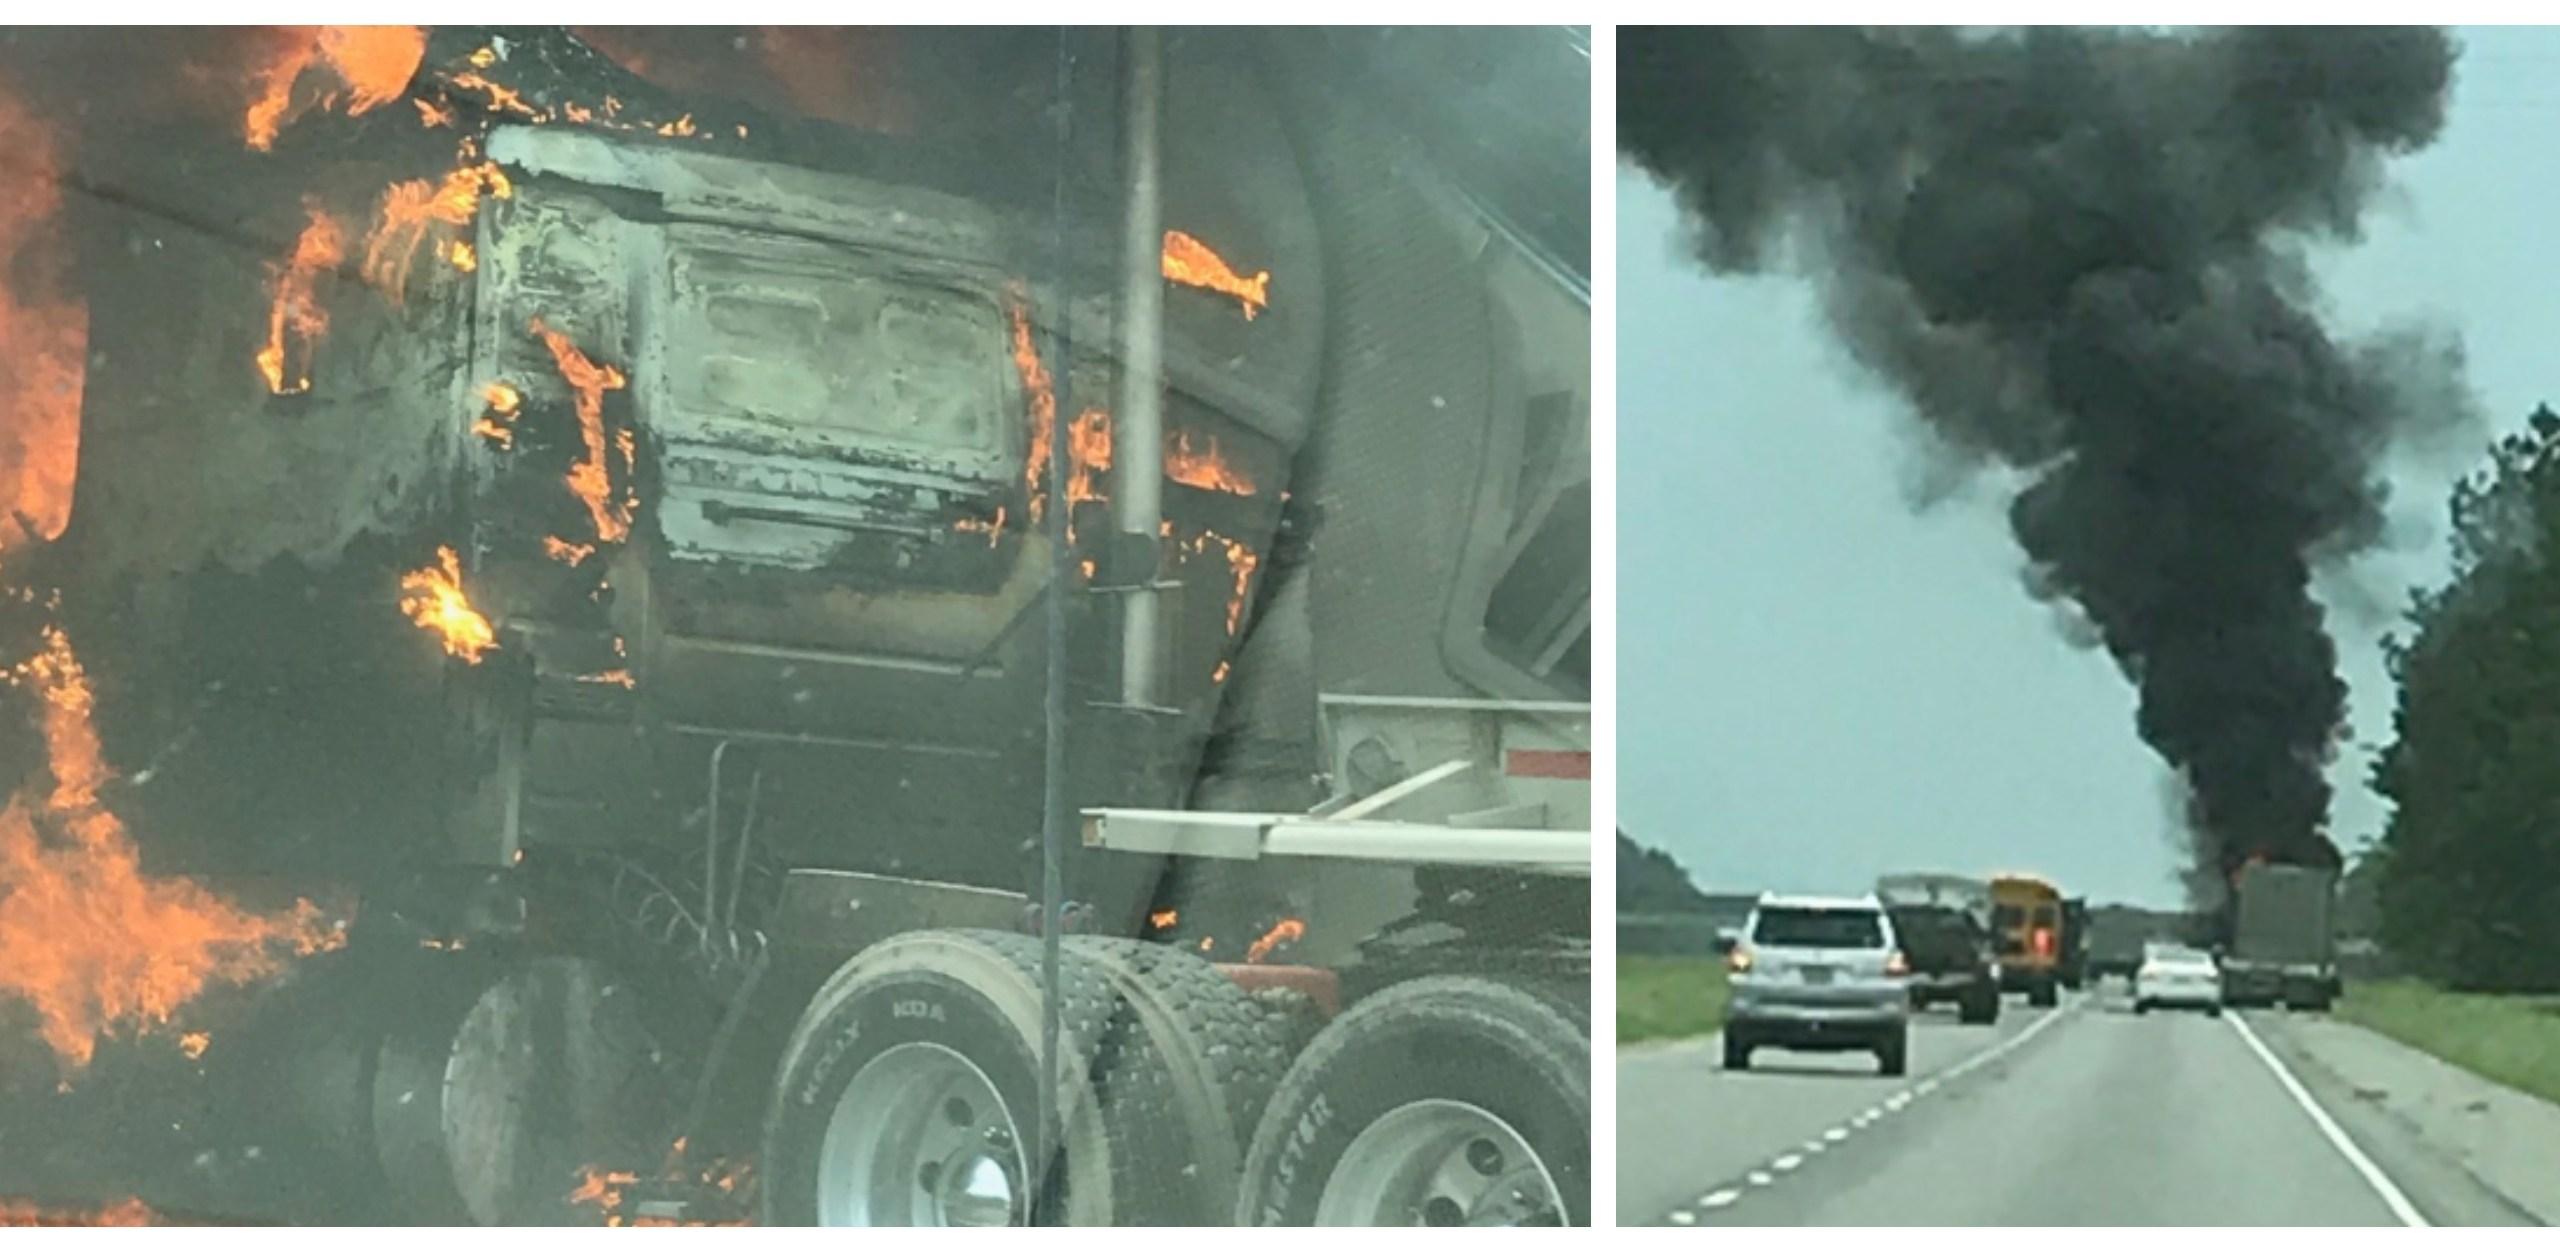 Truck fire on I-49 05.02.19_1556829984125.jpg.jpg